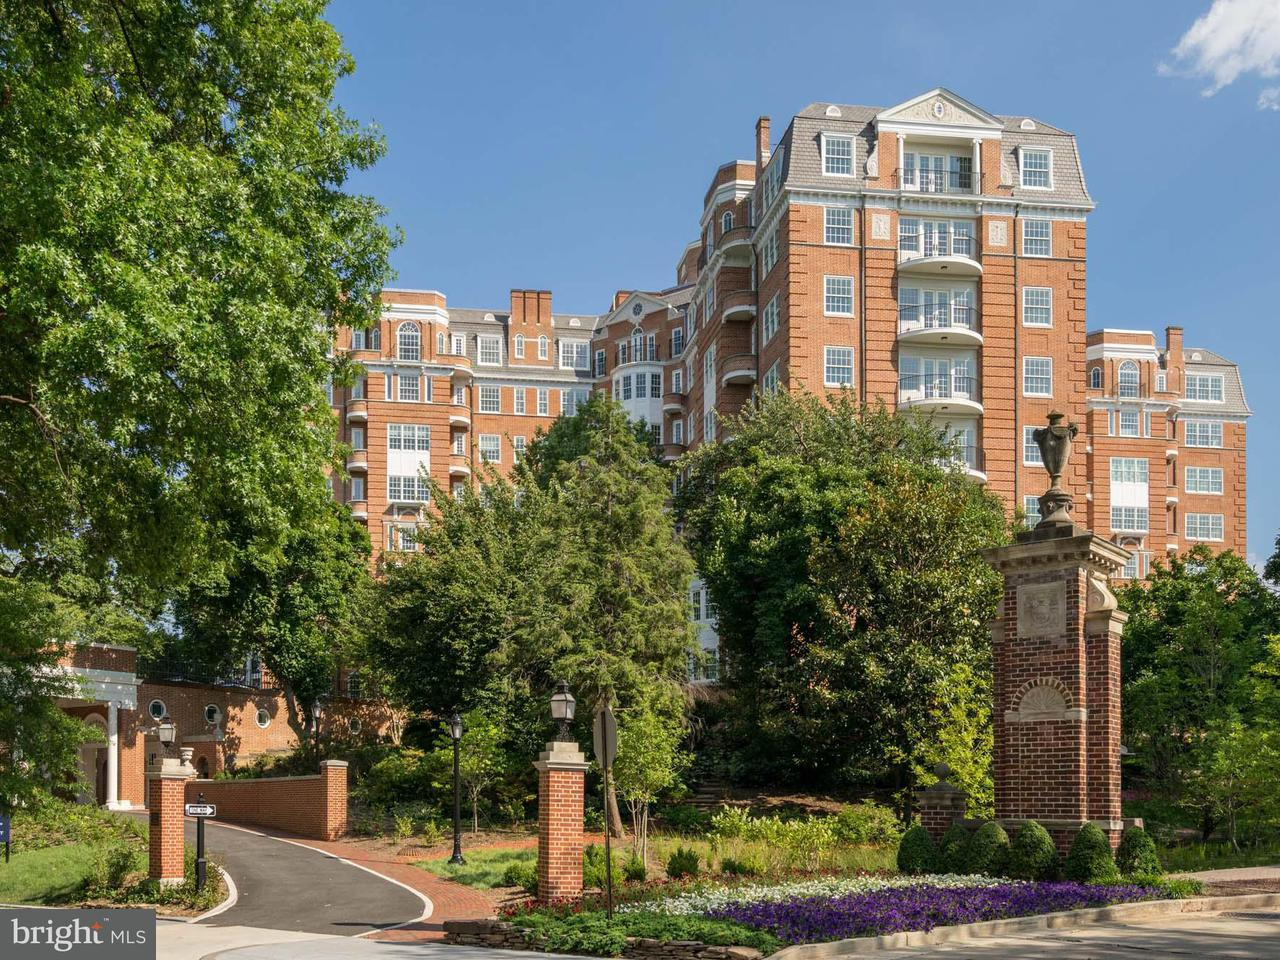 Condominium for Sale at 2660 Connecticut Ave Nw #6c 2660 Connecticut Ave Nw #6c Washington, District Of Columbia 20008 United States